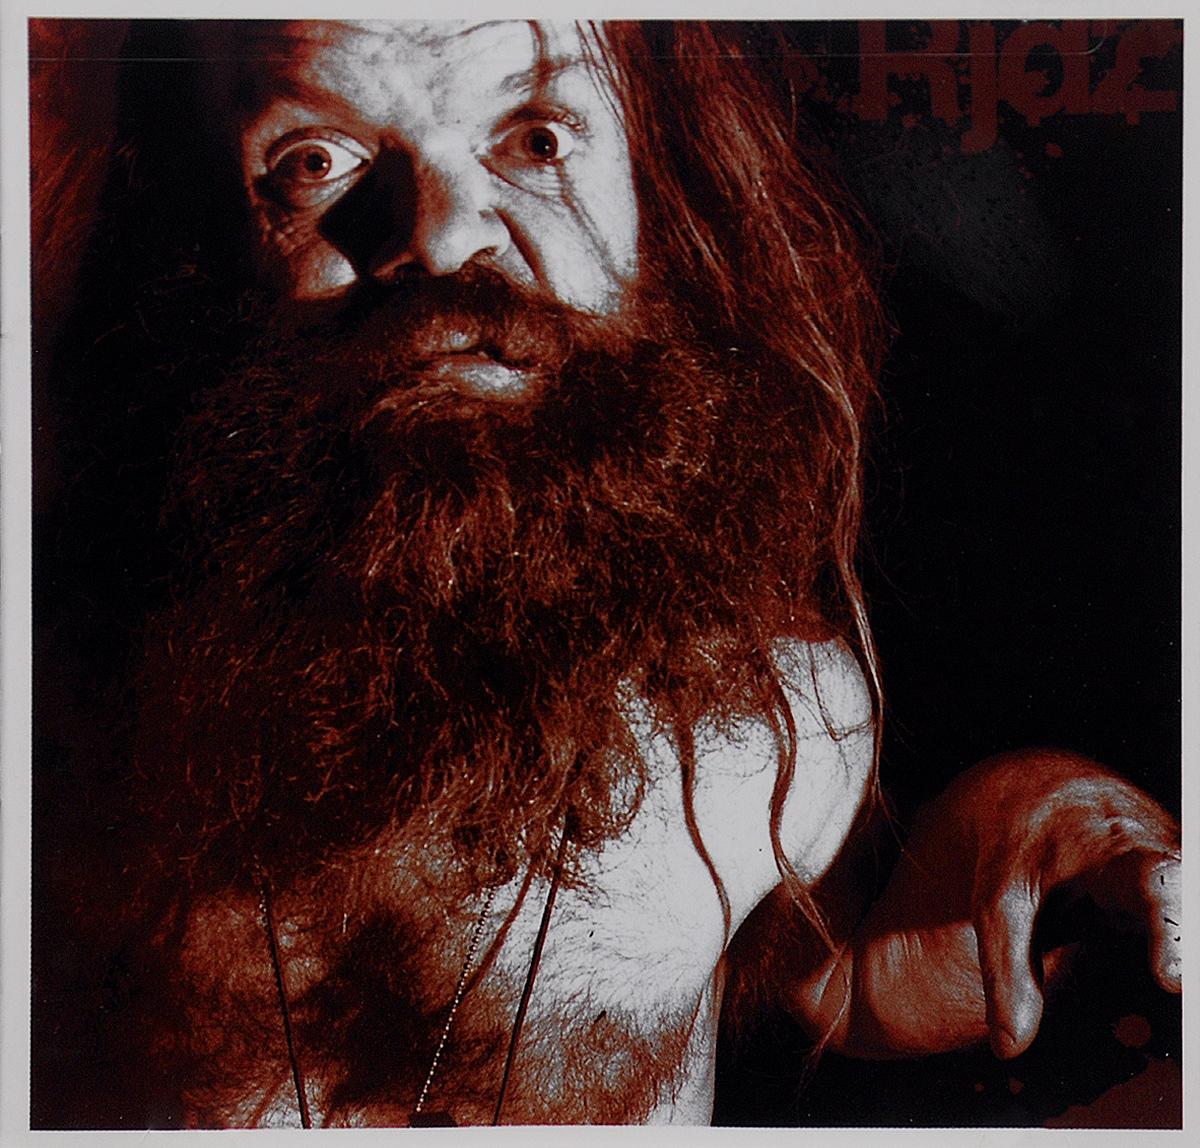 RJD2 RJD2. The Horror (2 CD) rjd2 rjd2 deadringer